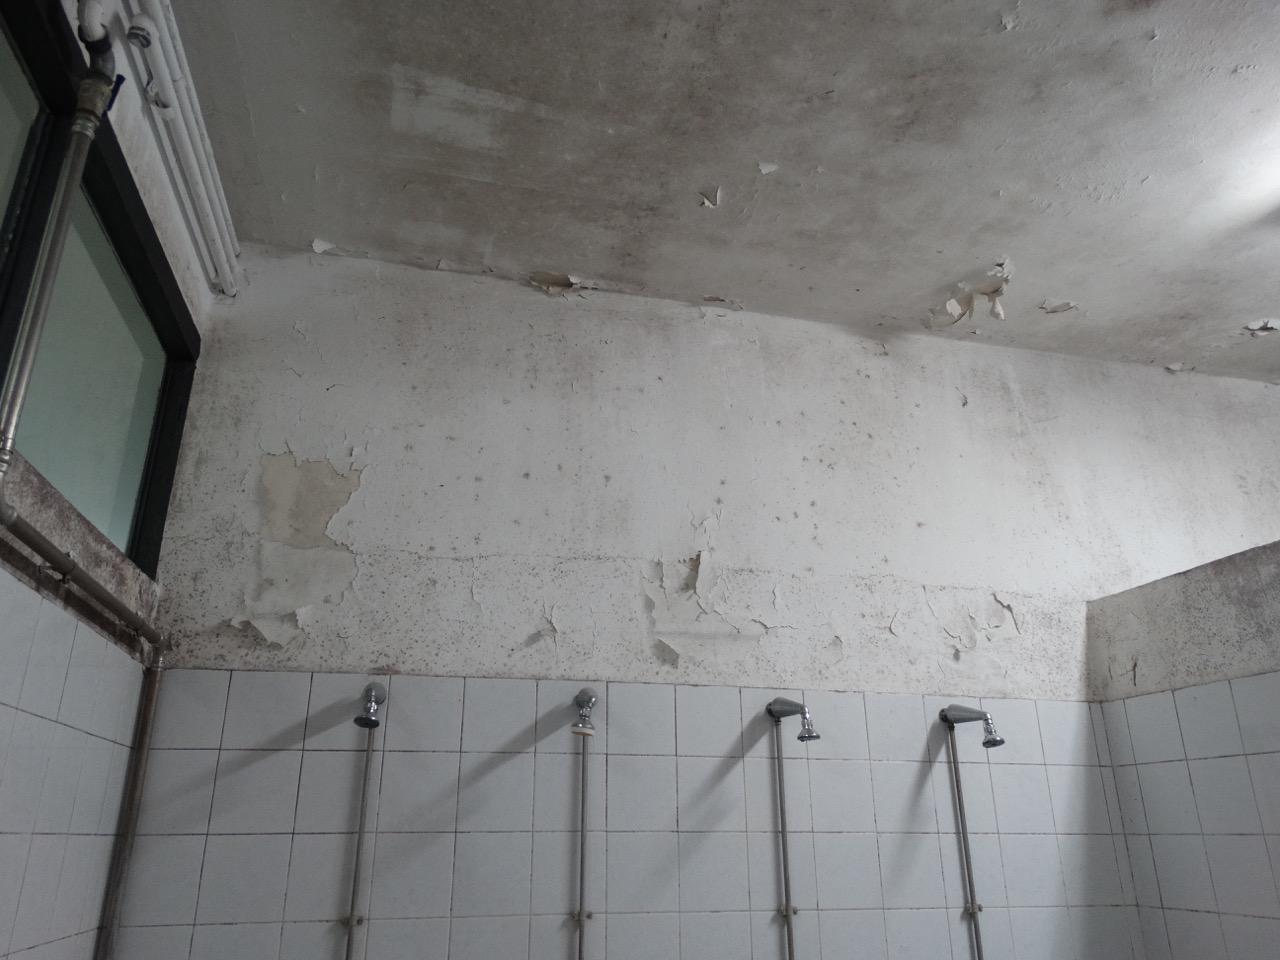 Muffa nello spogliatoio della palestra come si pu fare - Muffa nella doccia ...